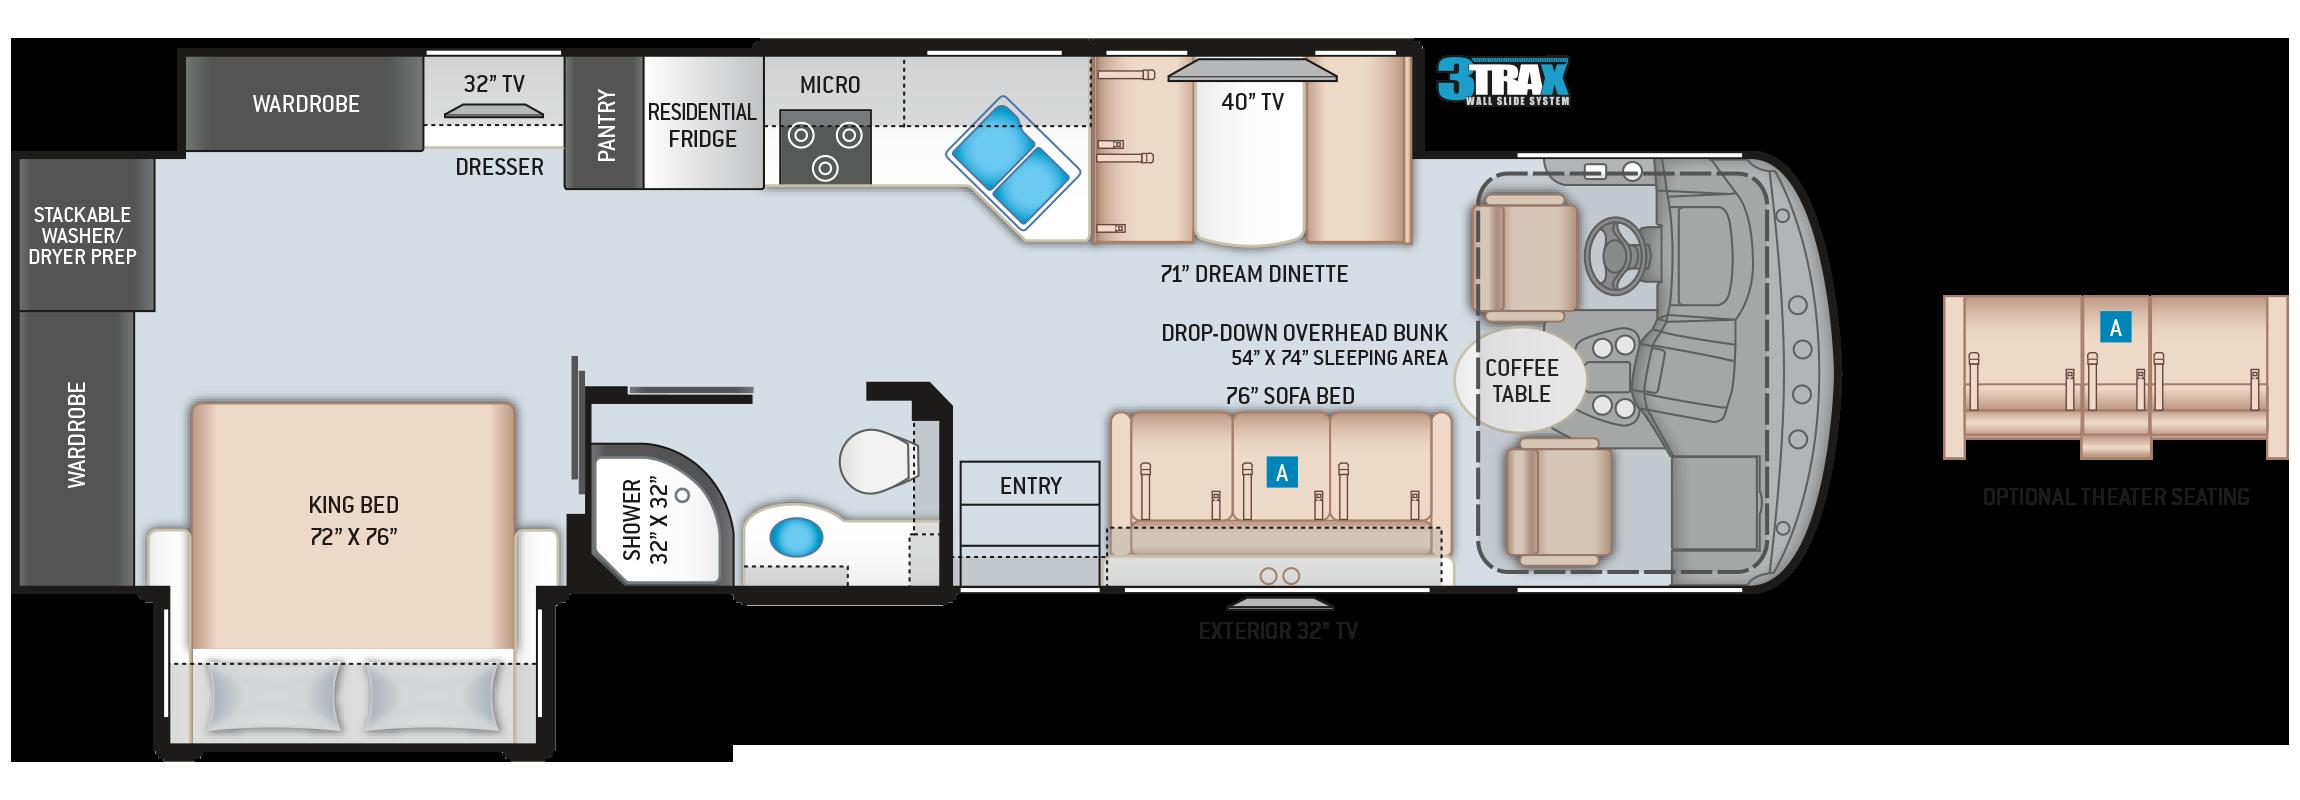 Windsport Class A Motorhome Floor Plan 33X